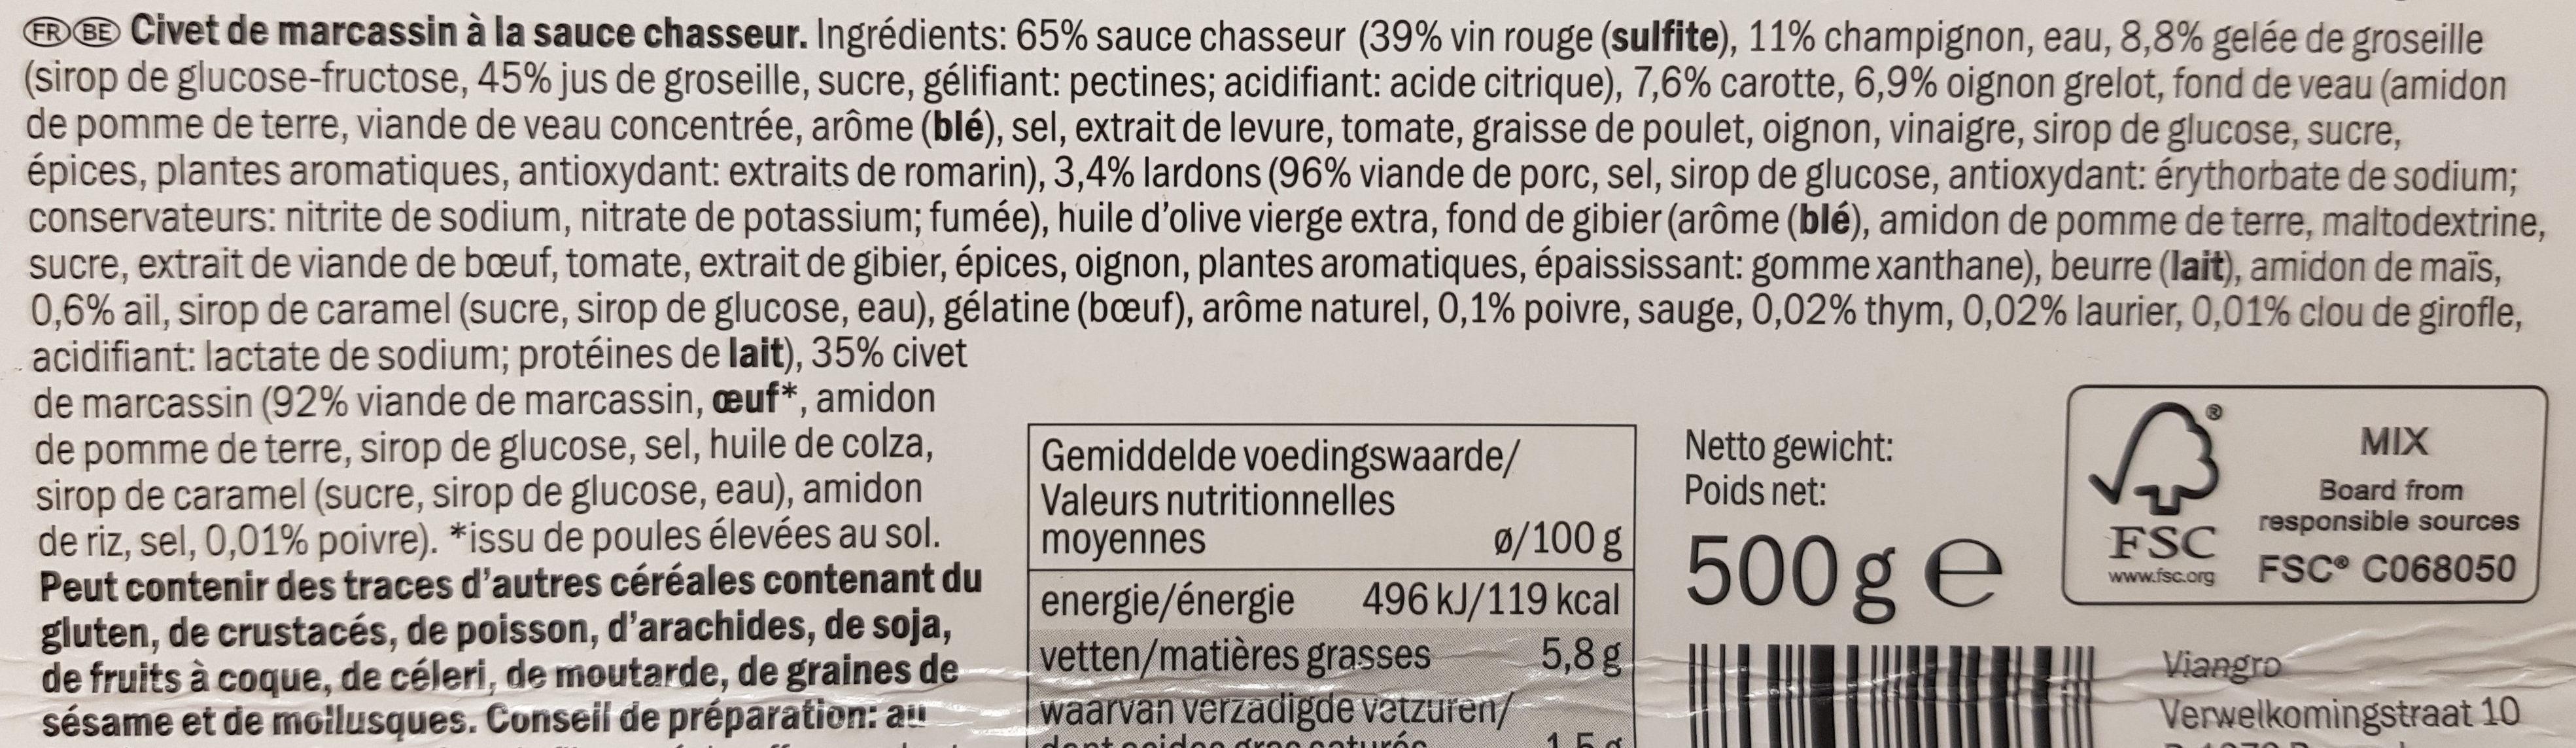 Civet de Marcassin à la sauce chasseur - Ingrediënten - fr